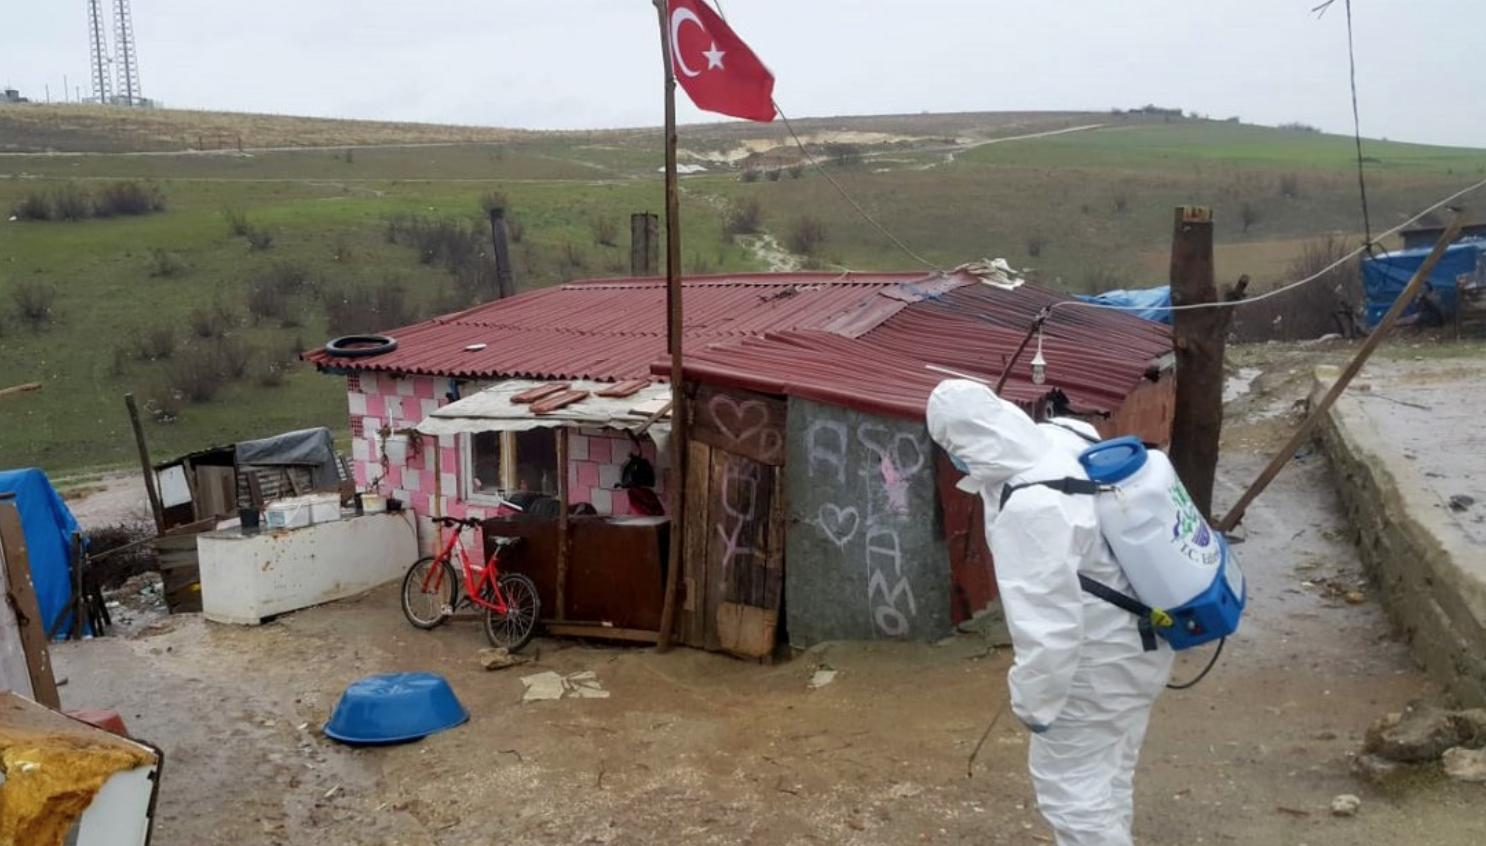 Mahalle Karantinaya Alındı: Edirne'de Bebek Ziyaretine Giden Kişi 37 Kişiye Koronavirüs Bulaştırdı...